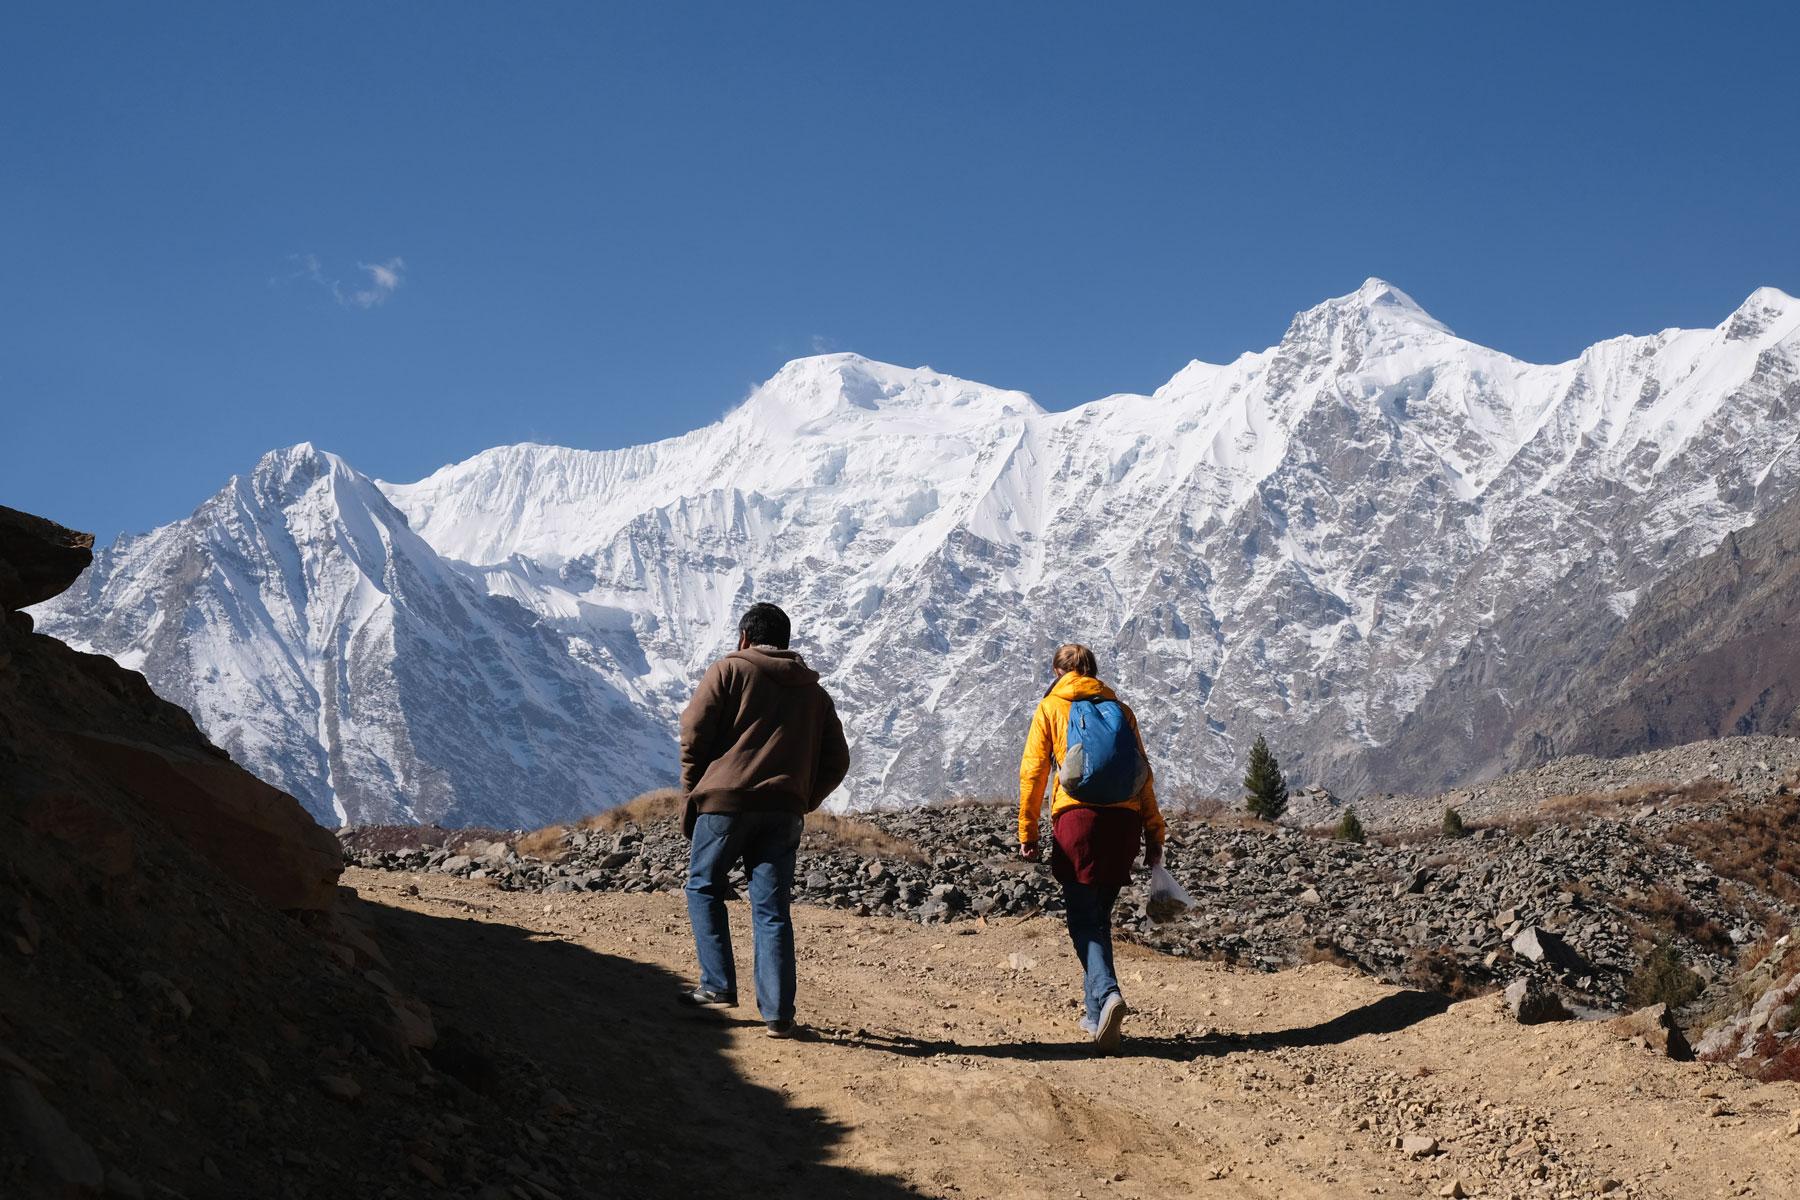 Leo geht neben einem Mann. Im Hitnergund sind schneebedeckte Berge.